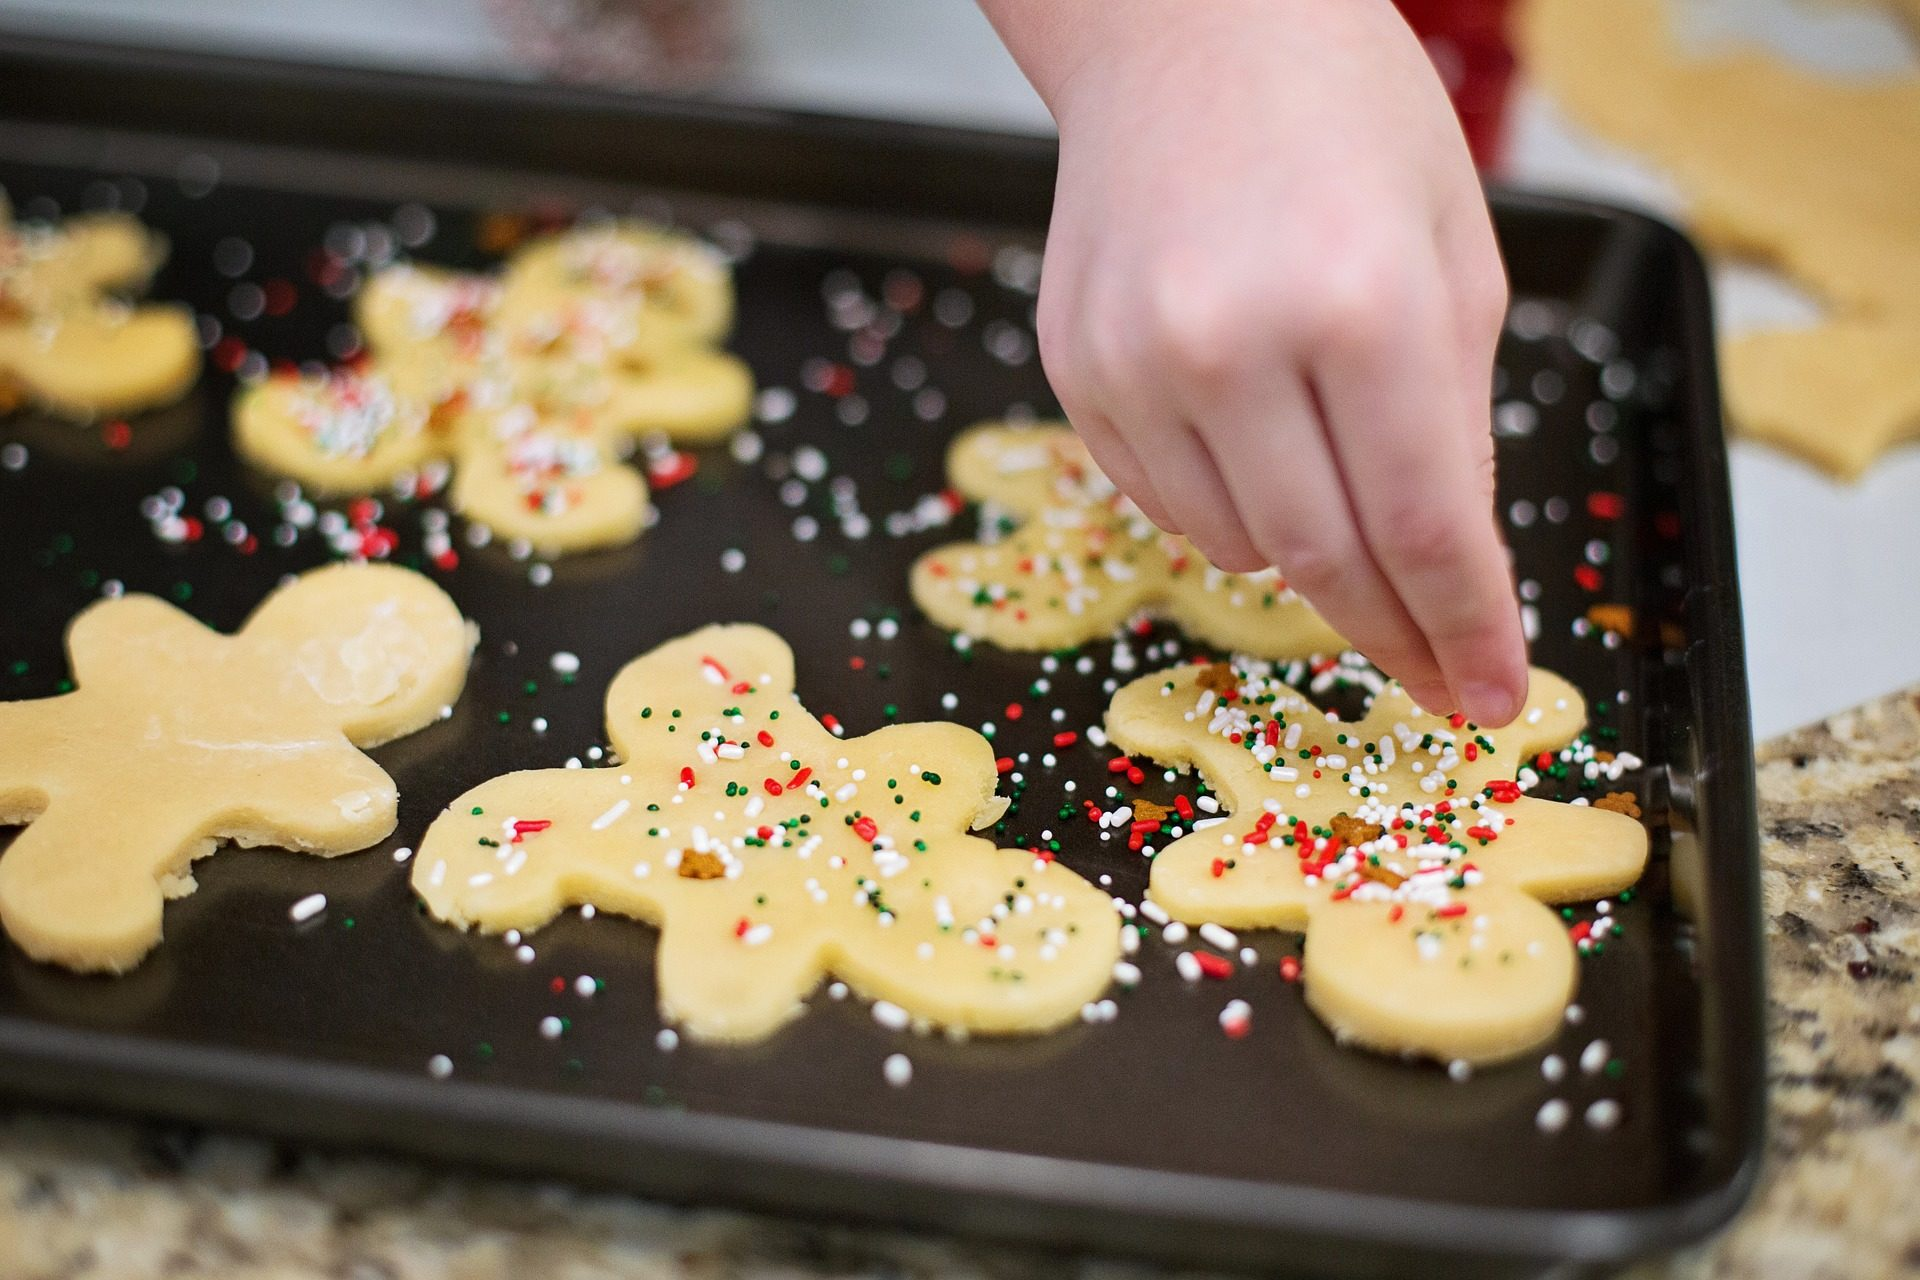 ملفات تعريف الارتباط, مطبخ, رقائق, الألوان, عيد الميلاد, حلوى - خلفيات عالية الدقة - أستاذ falken.com